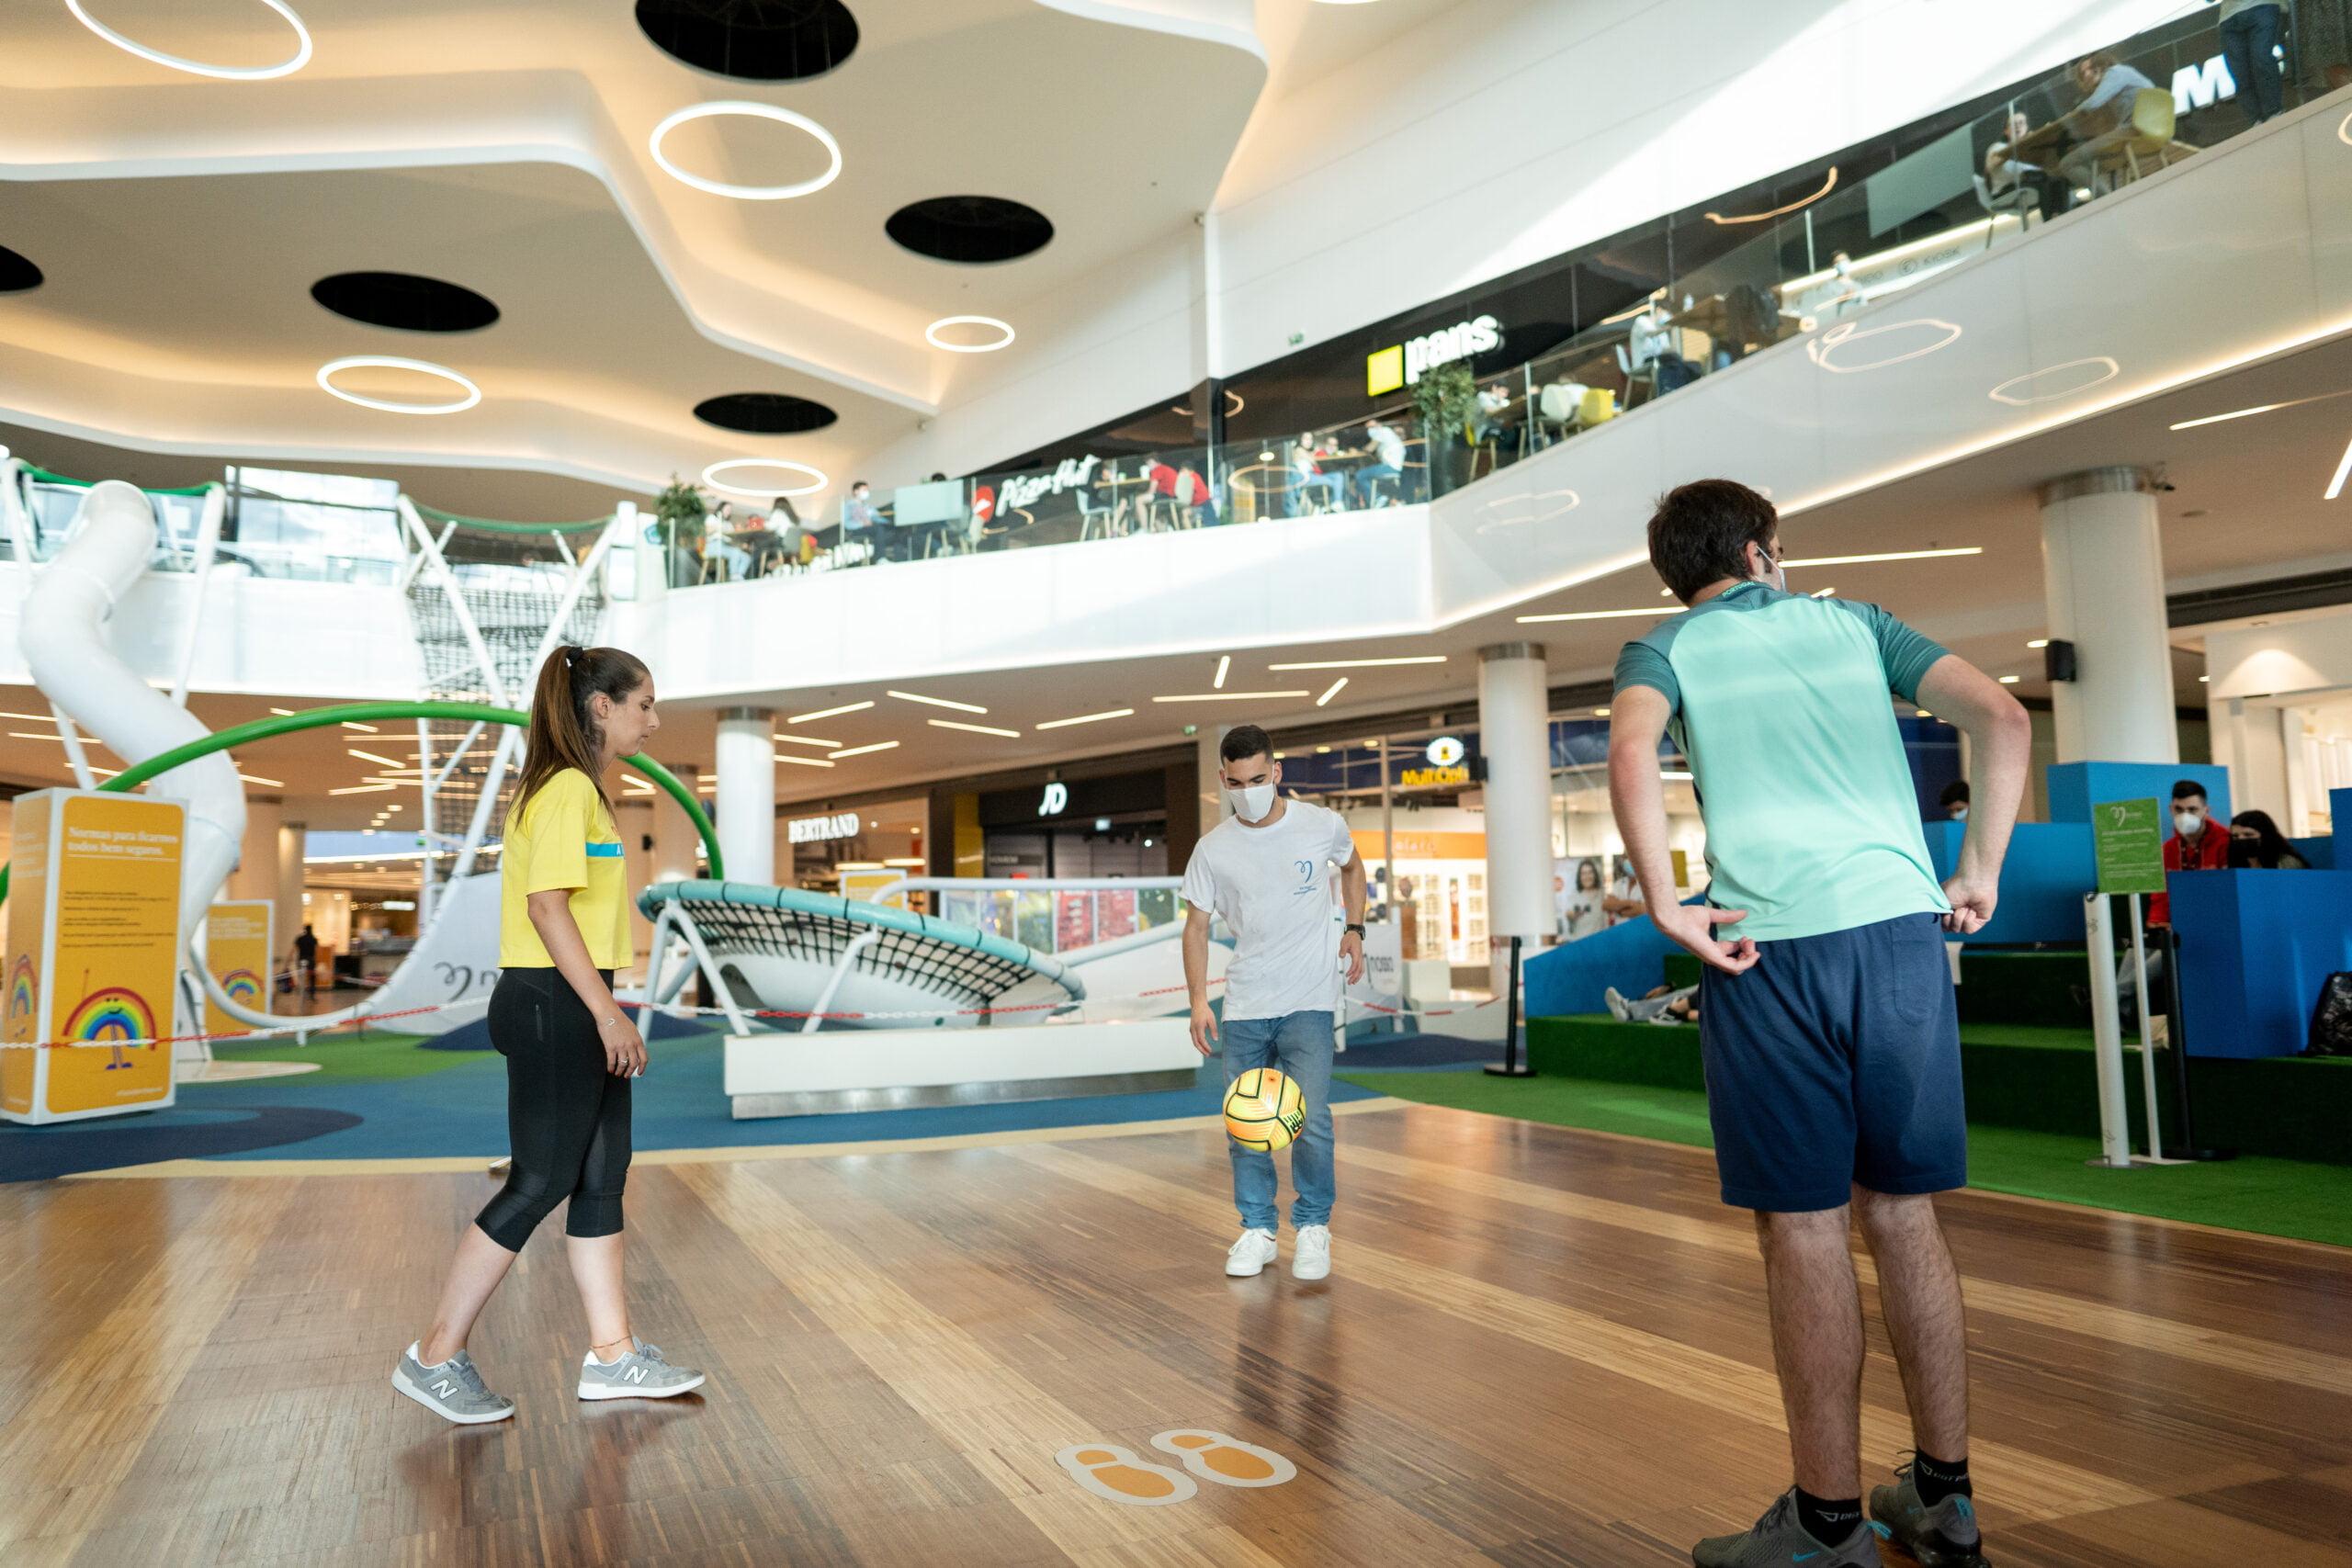 Ação promocional 'Chuta Para Golo' - Nosso Shopping